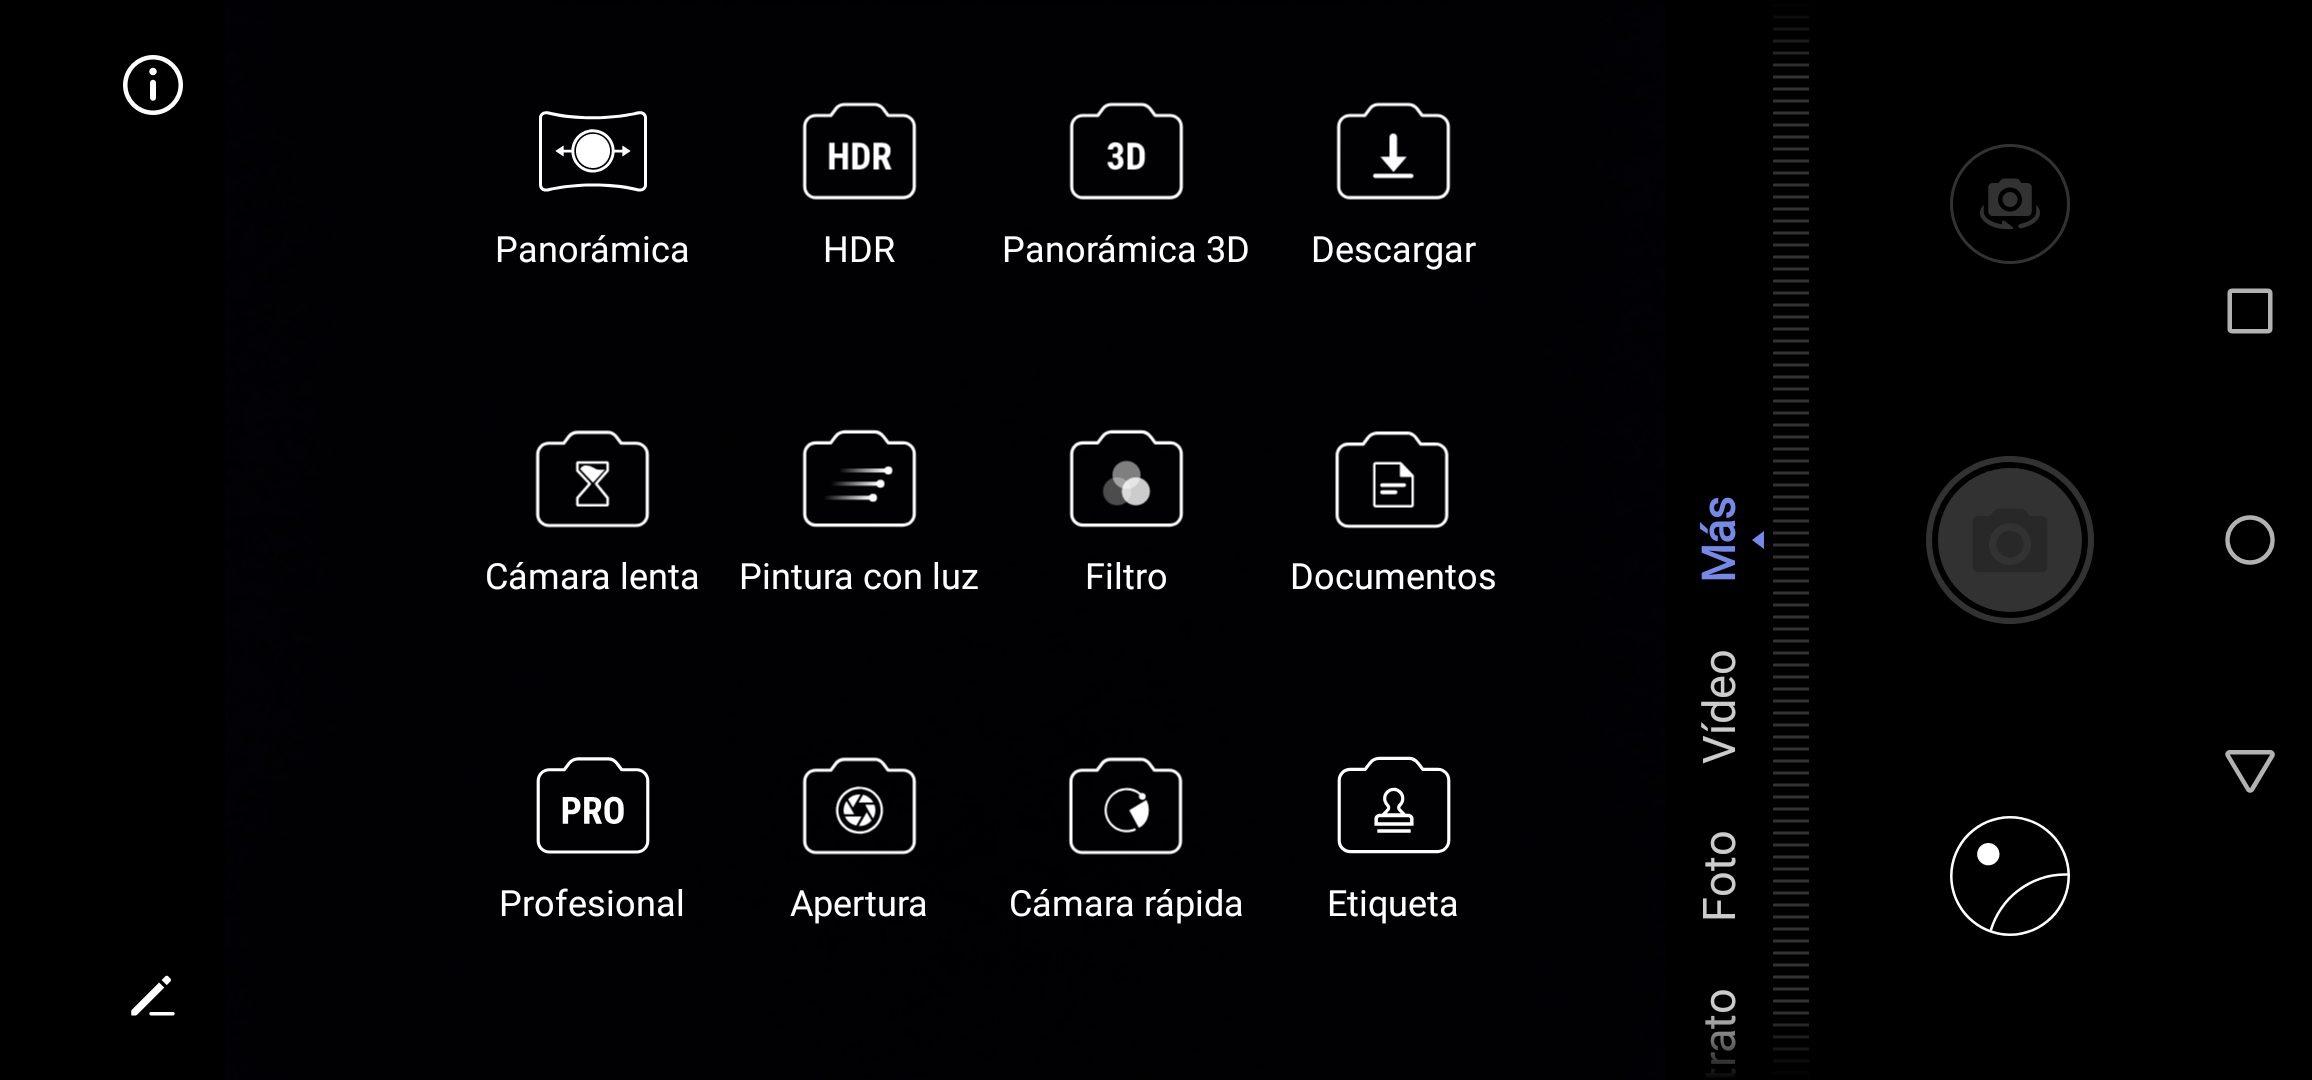 Más opciones de la aplicación cámara del Huawei P30 Lite